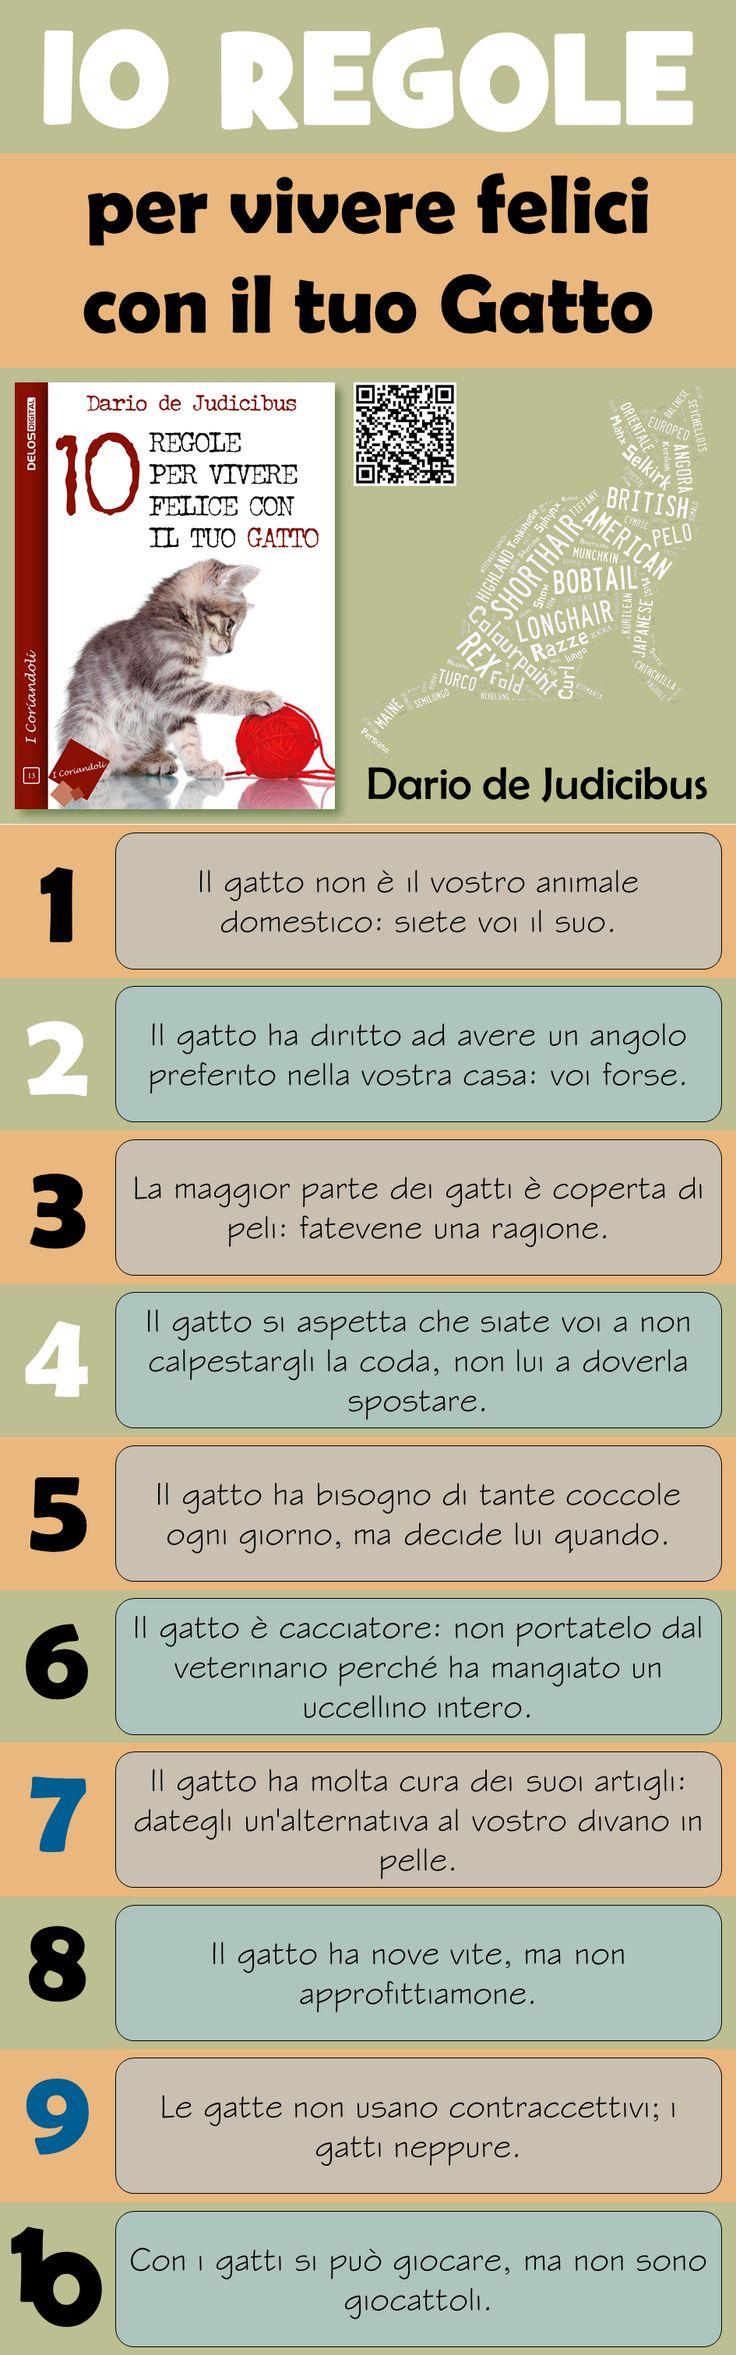 Dario de Judicibus, «10 regole per vivere felici con il tuo Gatto», Collana «I Coriandoli», #13, Delos Digital, 2016, ISBN 9788865309438